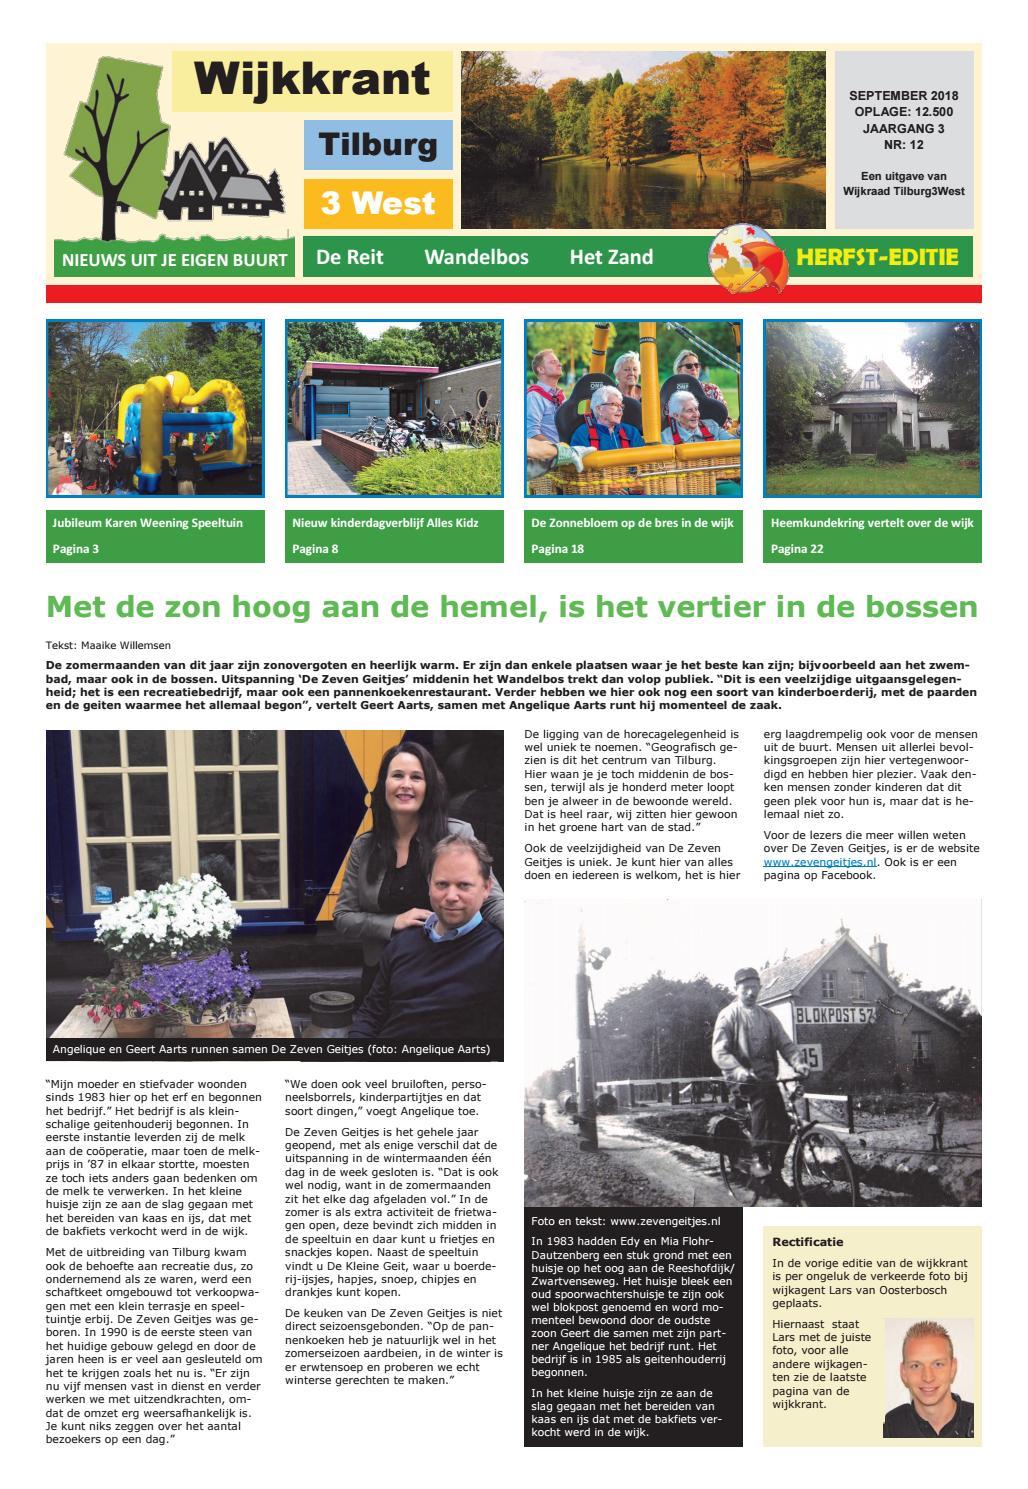 Wijkkrant herfst editie september 2018 by Wijkraad Tilburg 3